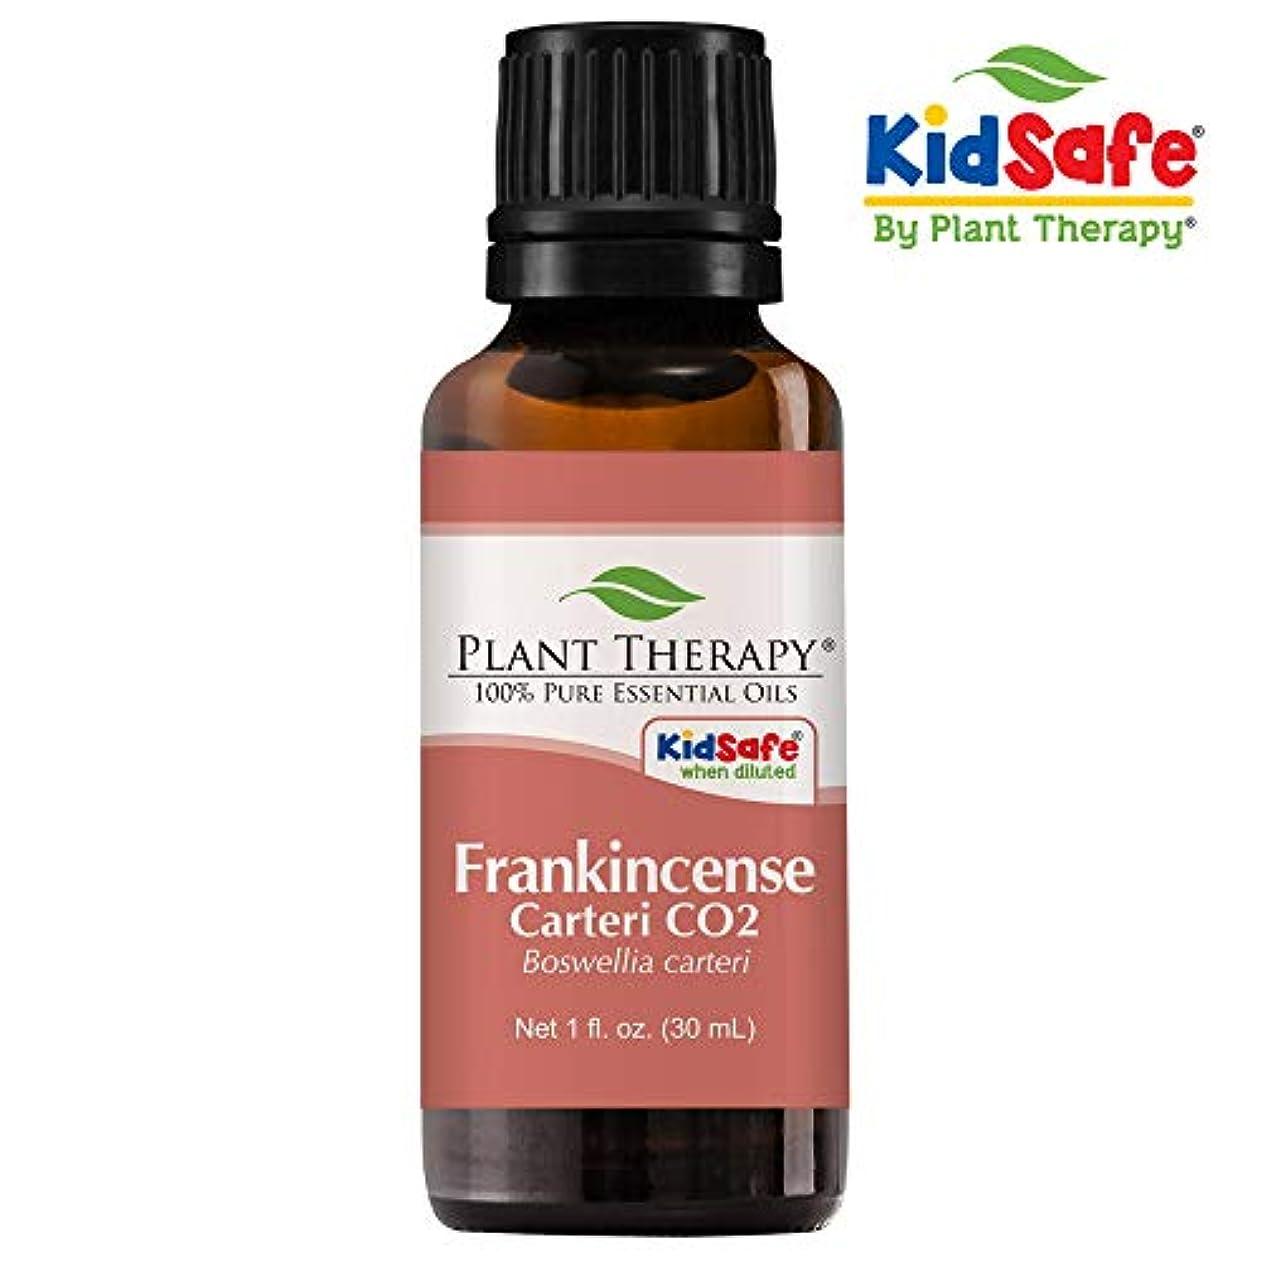 代名詞使い込むダニフランキンセンスCarteri CO2 30 mLのエッセンシャルオイル100%ピュア、治療グレード